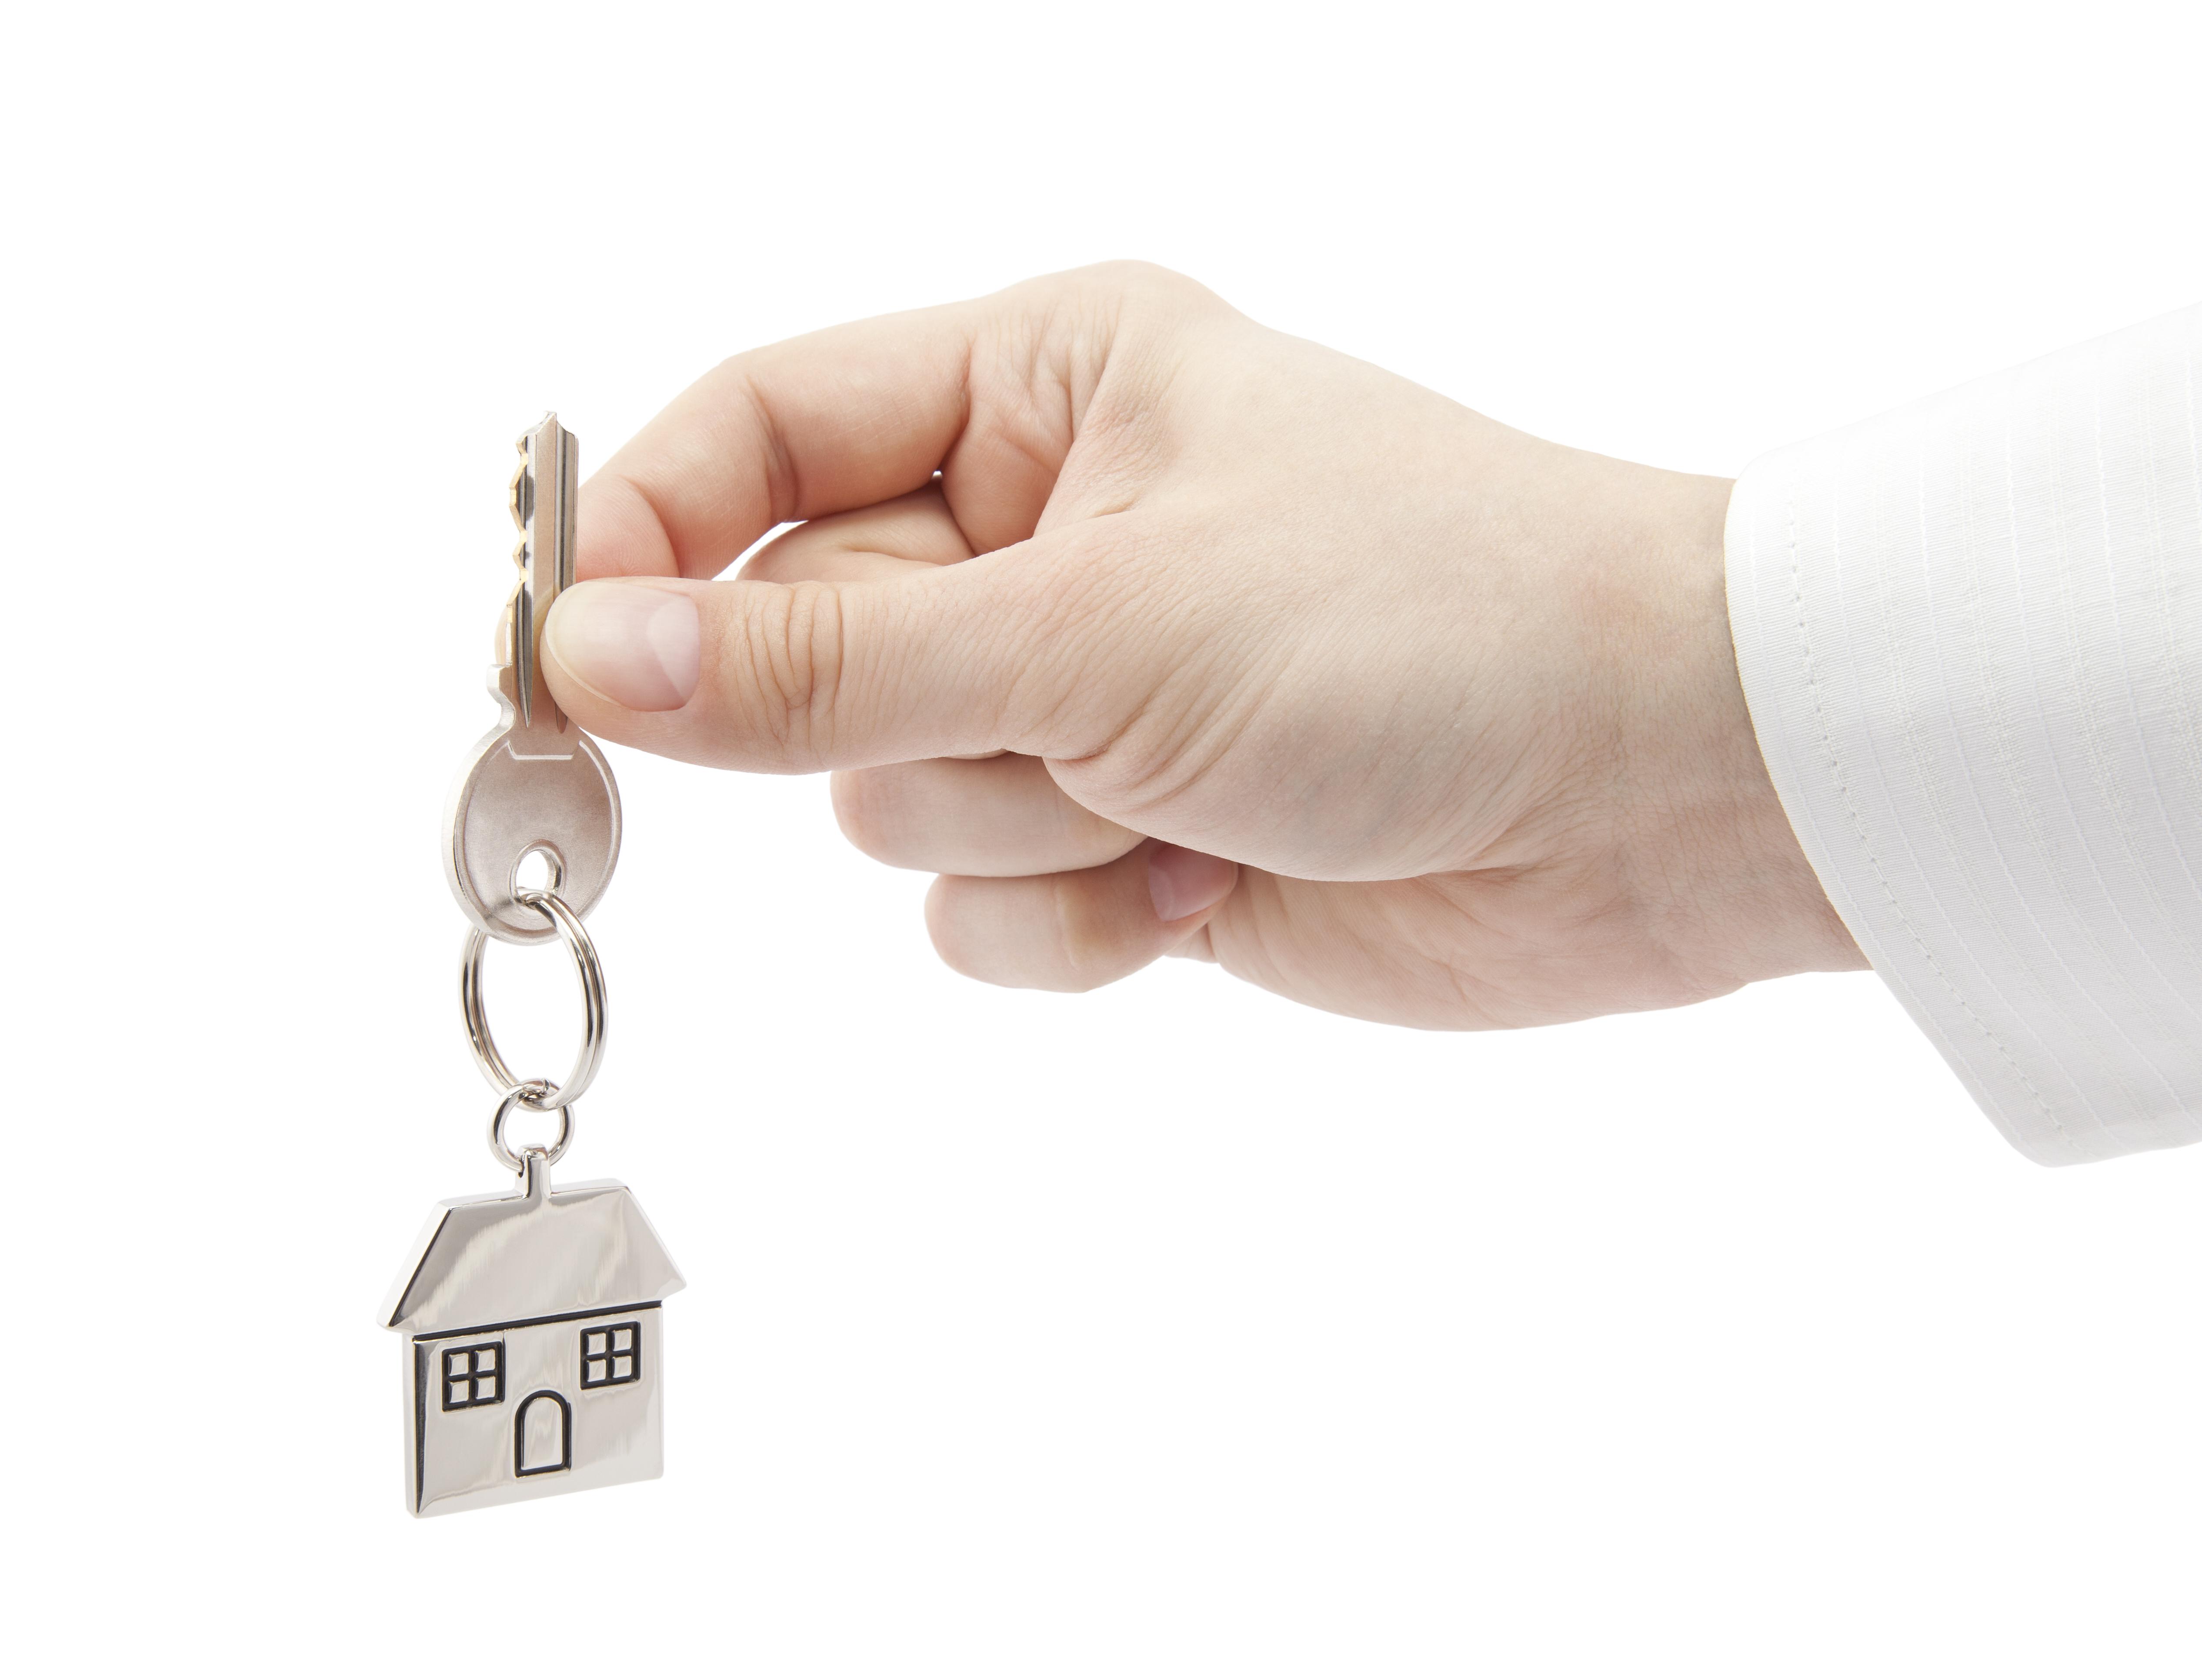 Diritto Di Abitazione, Cosu0027è E Qual è La Differenza Con Usufrutto E  Locazione